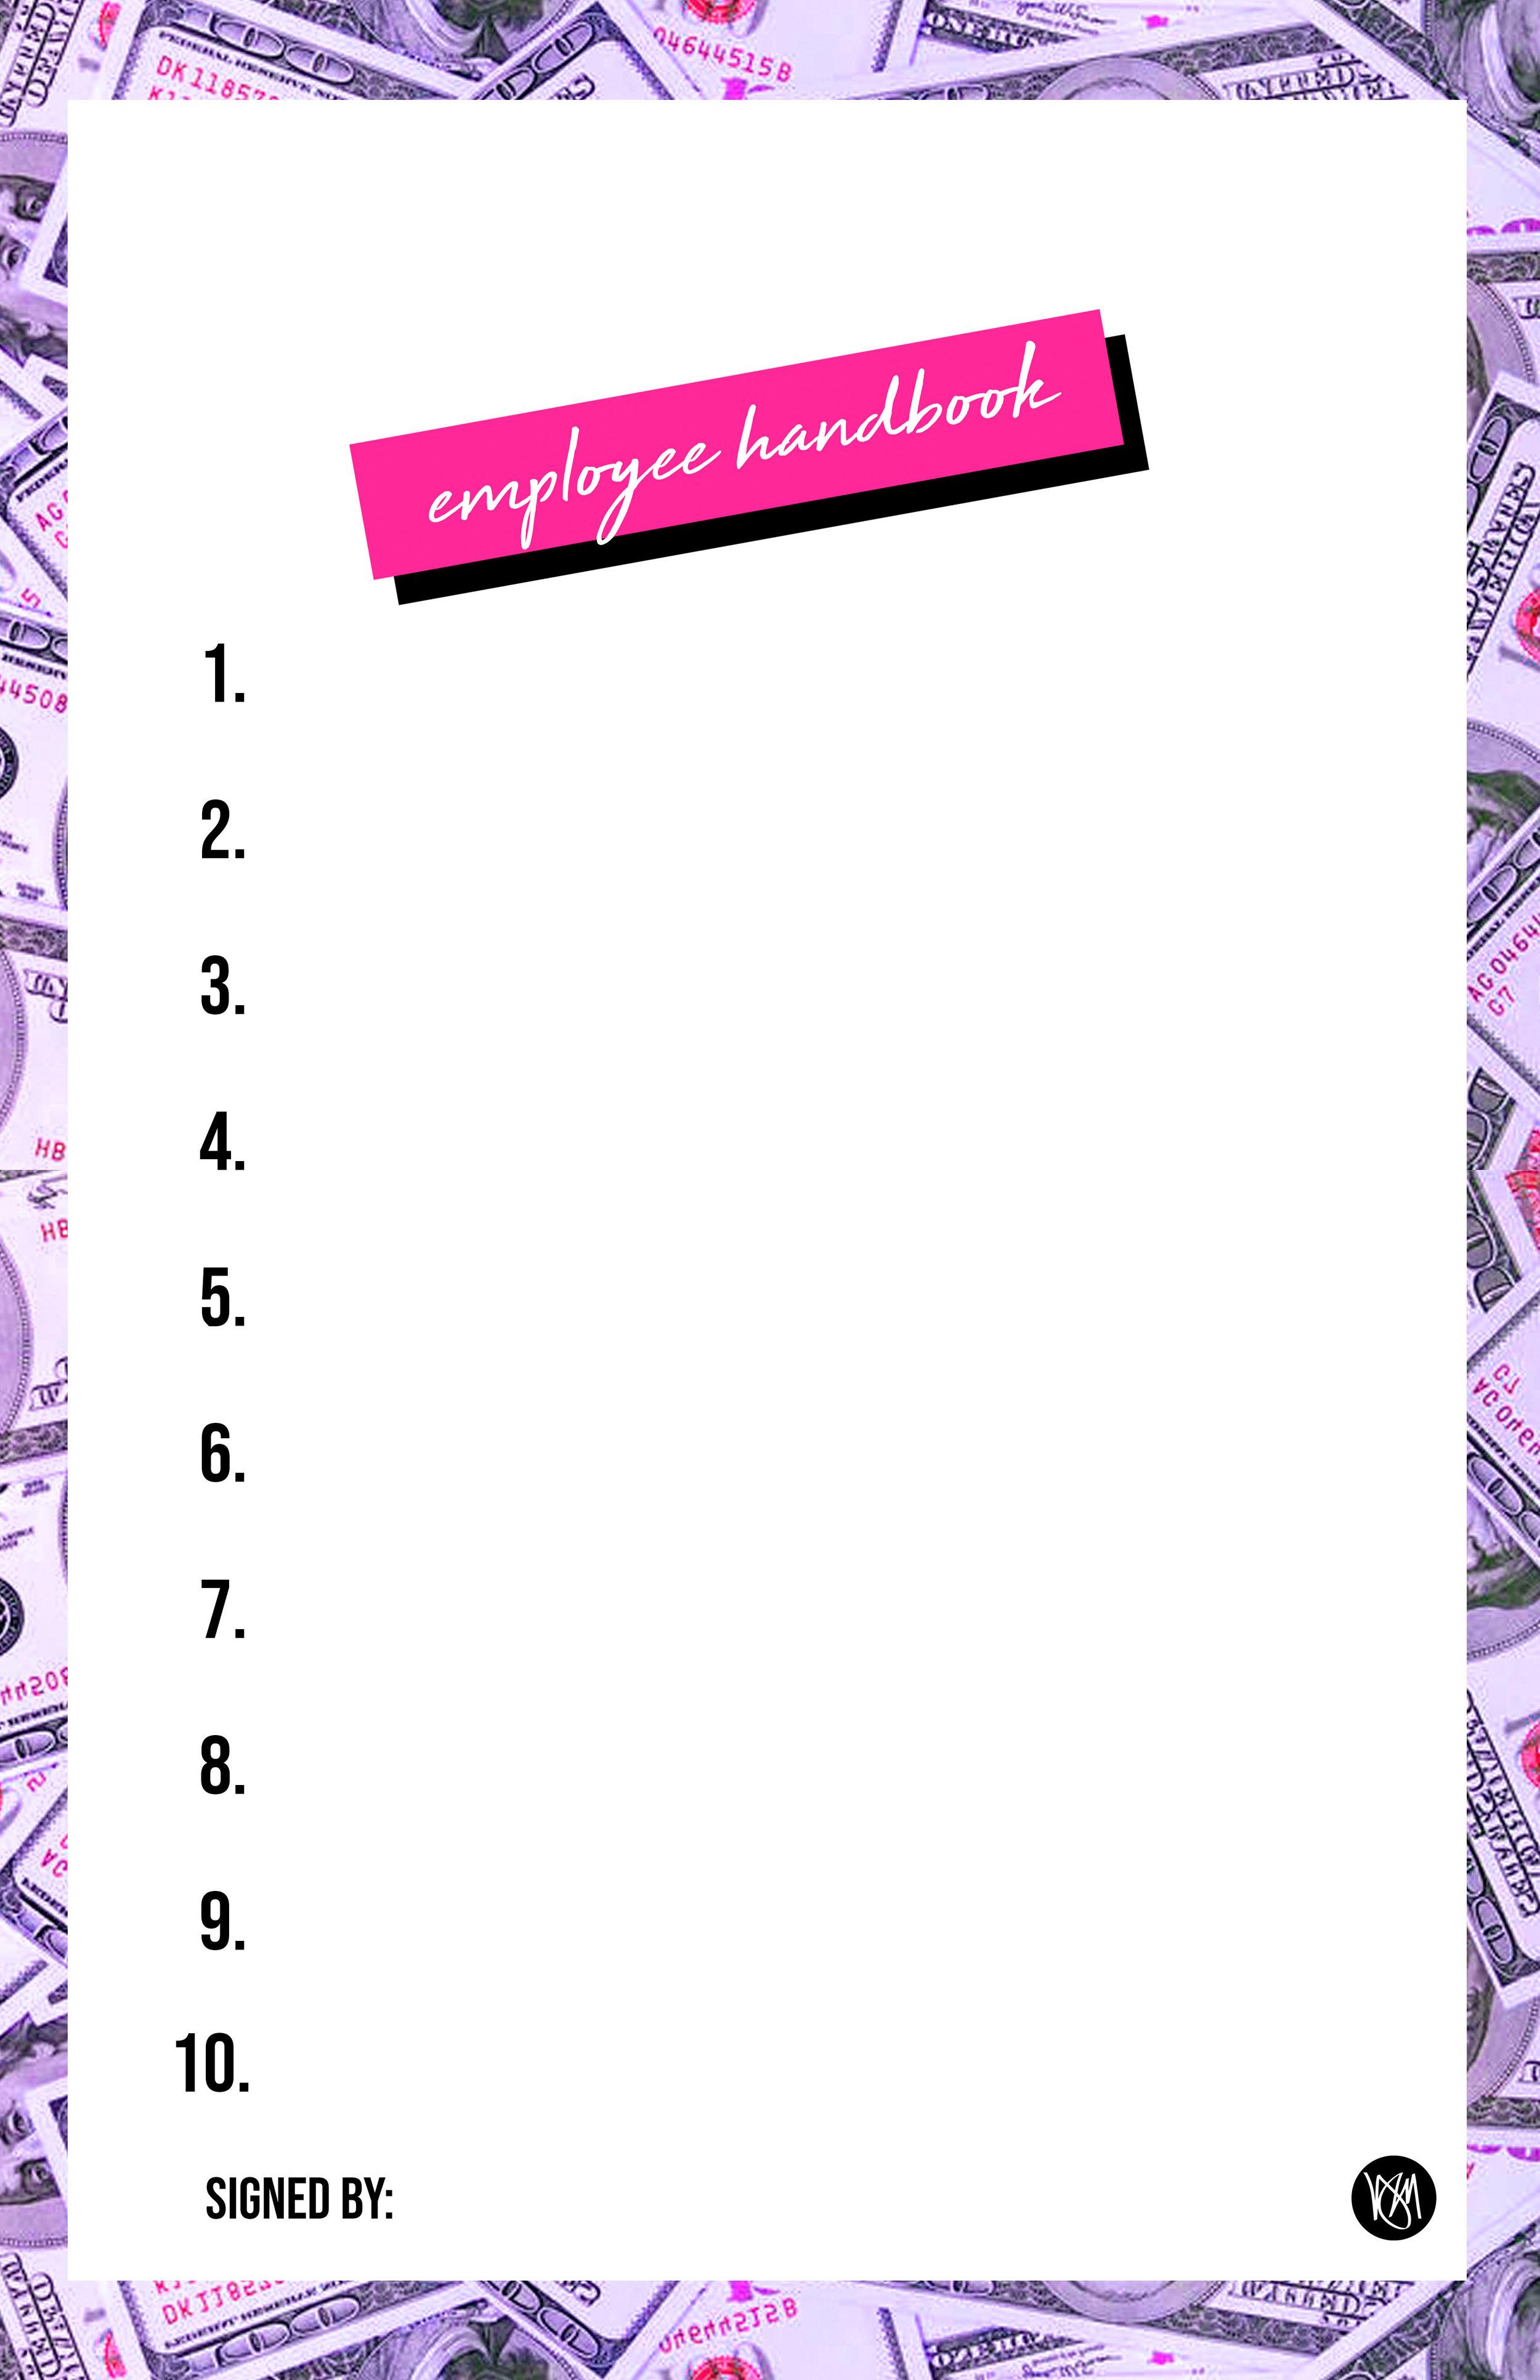 WM Rules #4